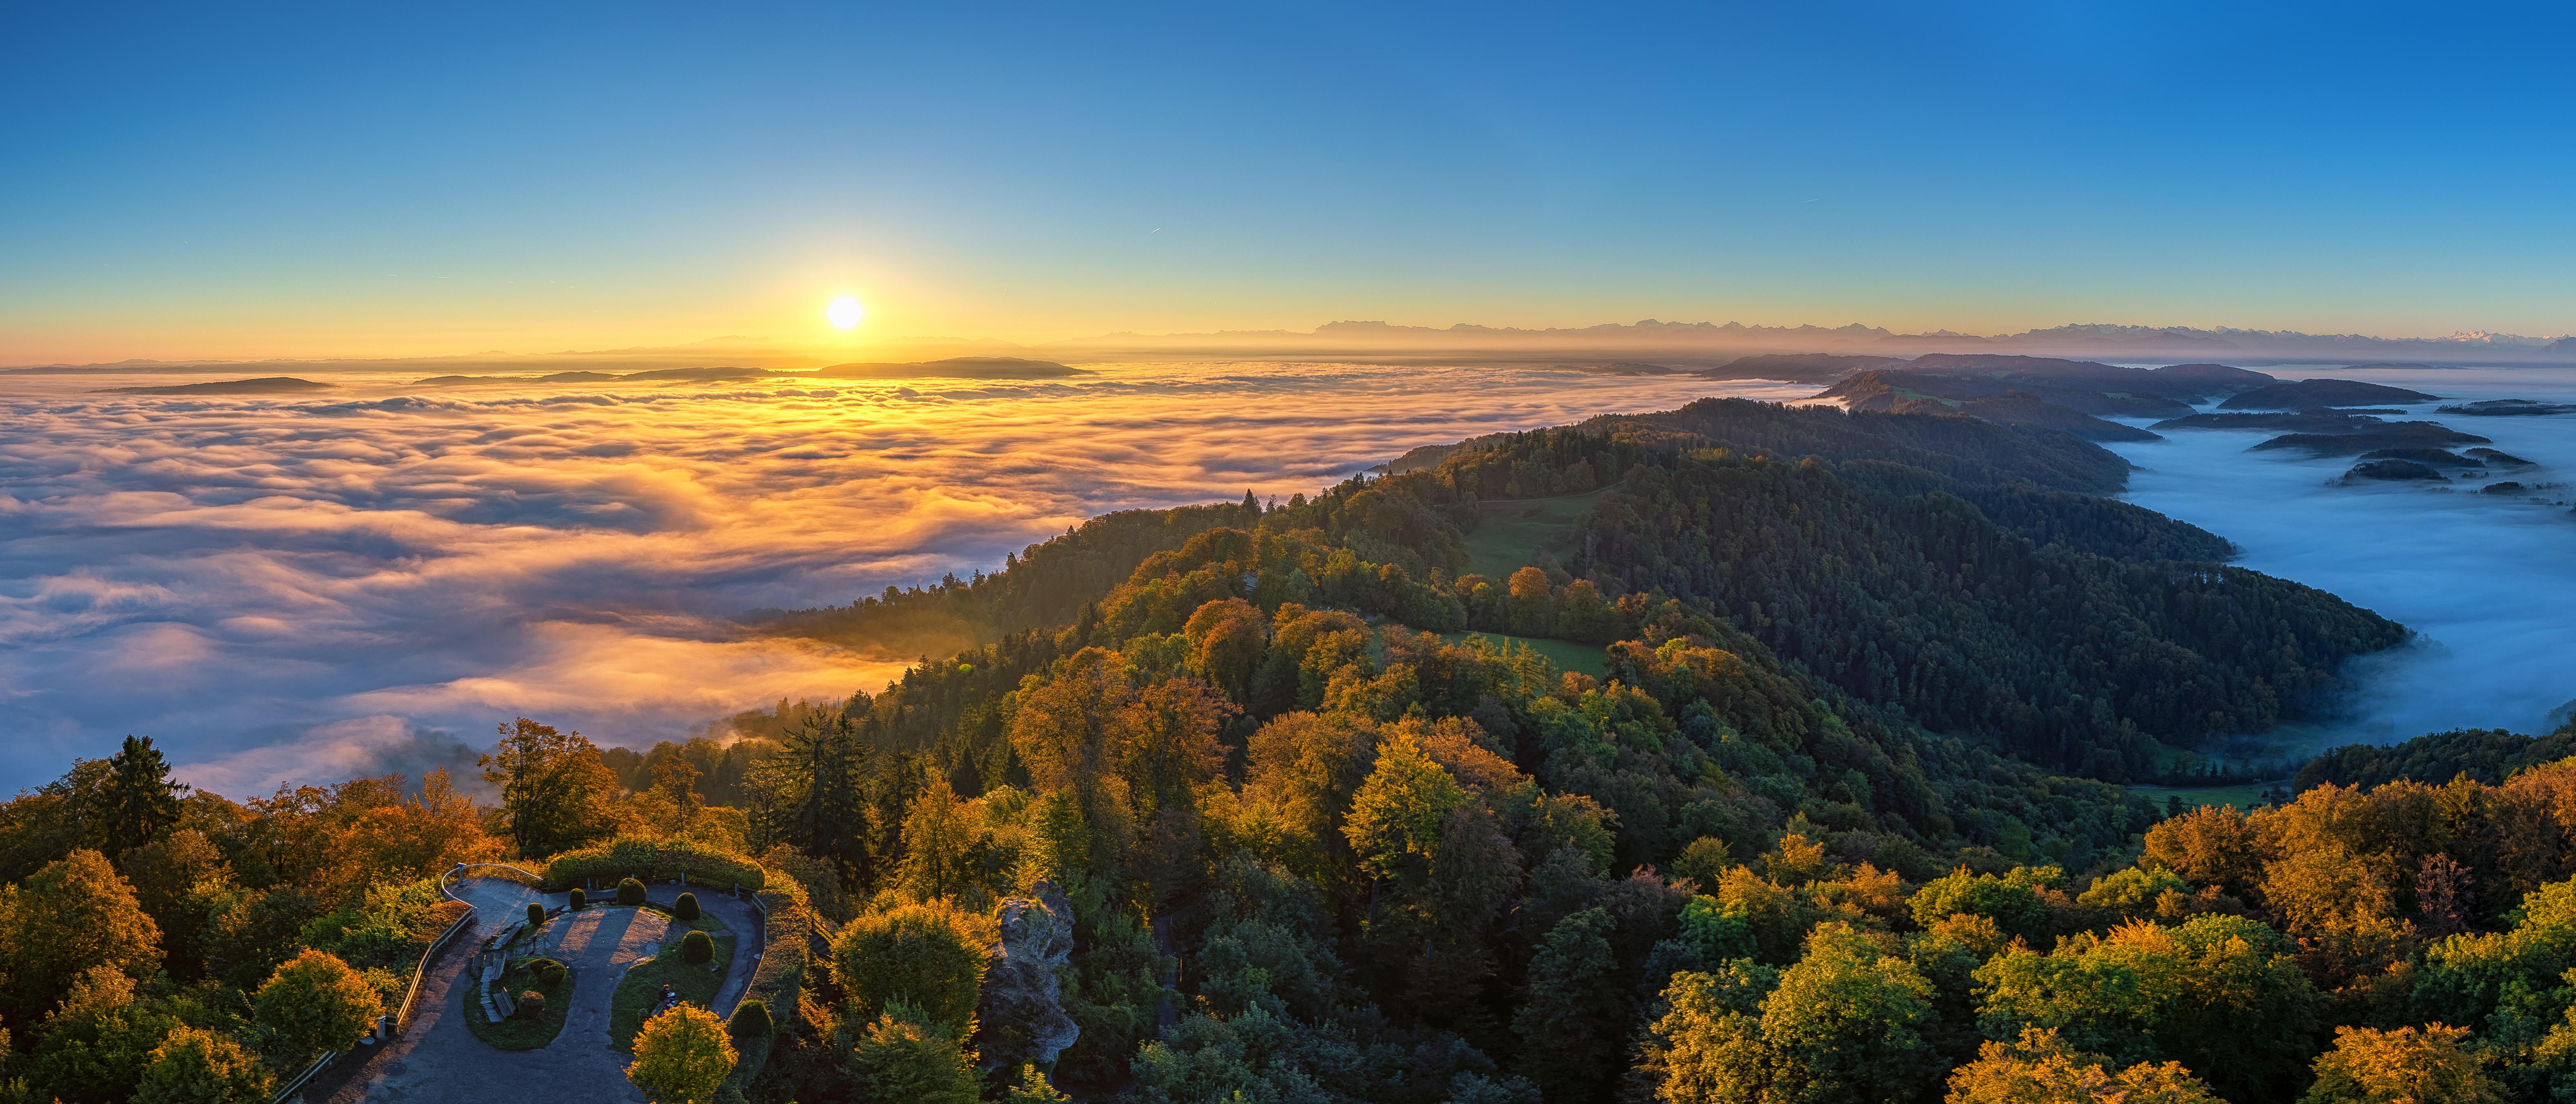 Цюрих, Море тумана, Восход